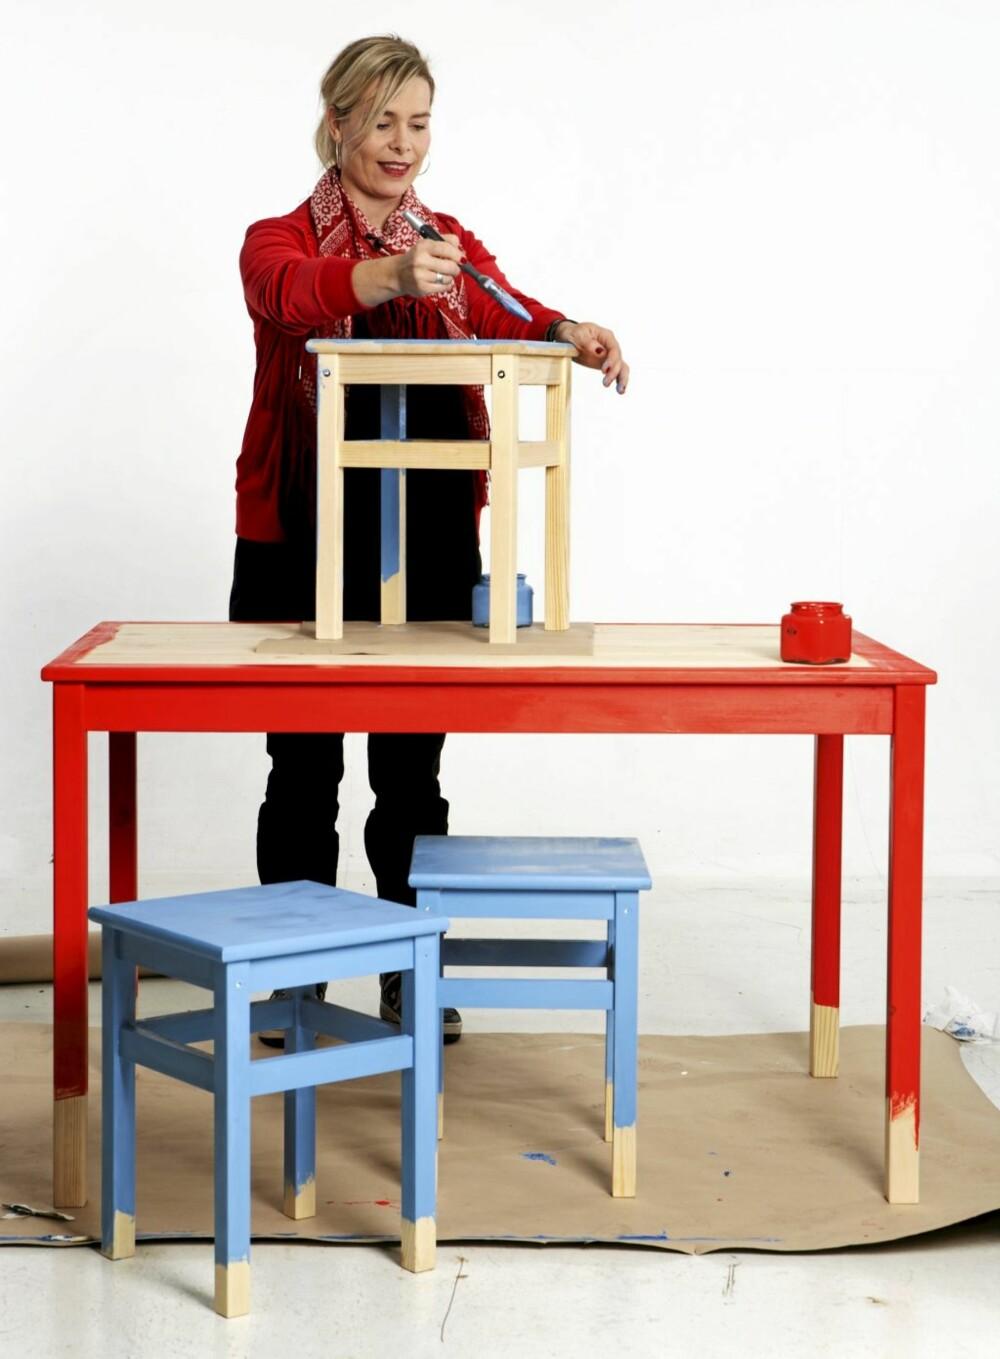 Bord, Ingo, kr 295, og krakker, Oddvar, kr 59 pr. stk., fra Ikea.